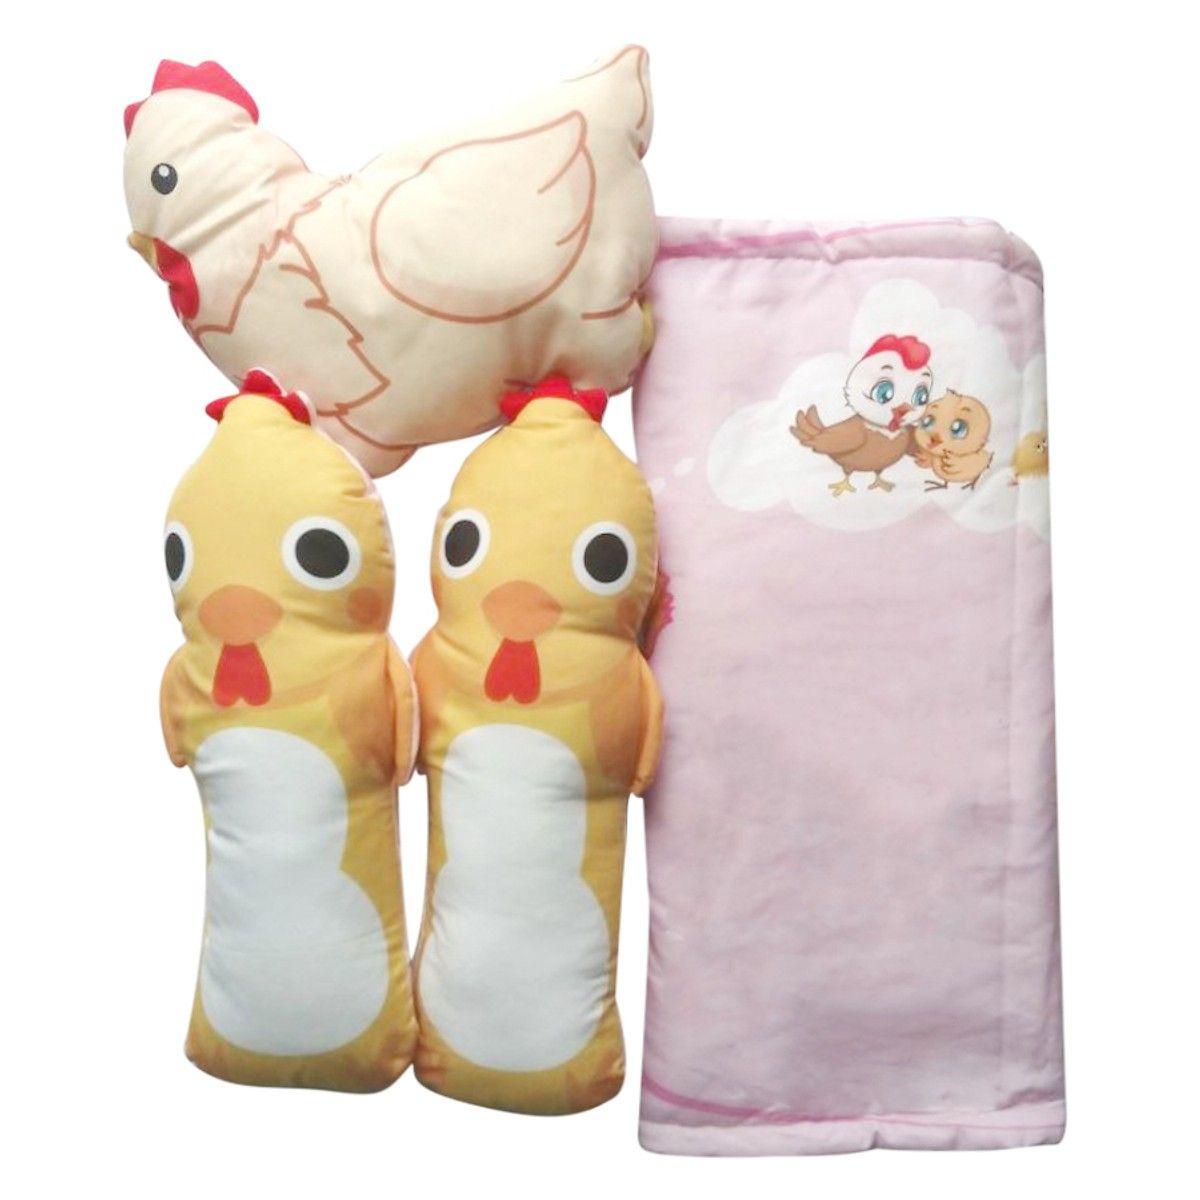 Bộ nệm cho bé Thái Toàn TT-PIMG (65 x 110 cm) - Hồng